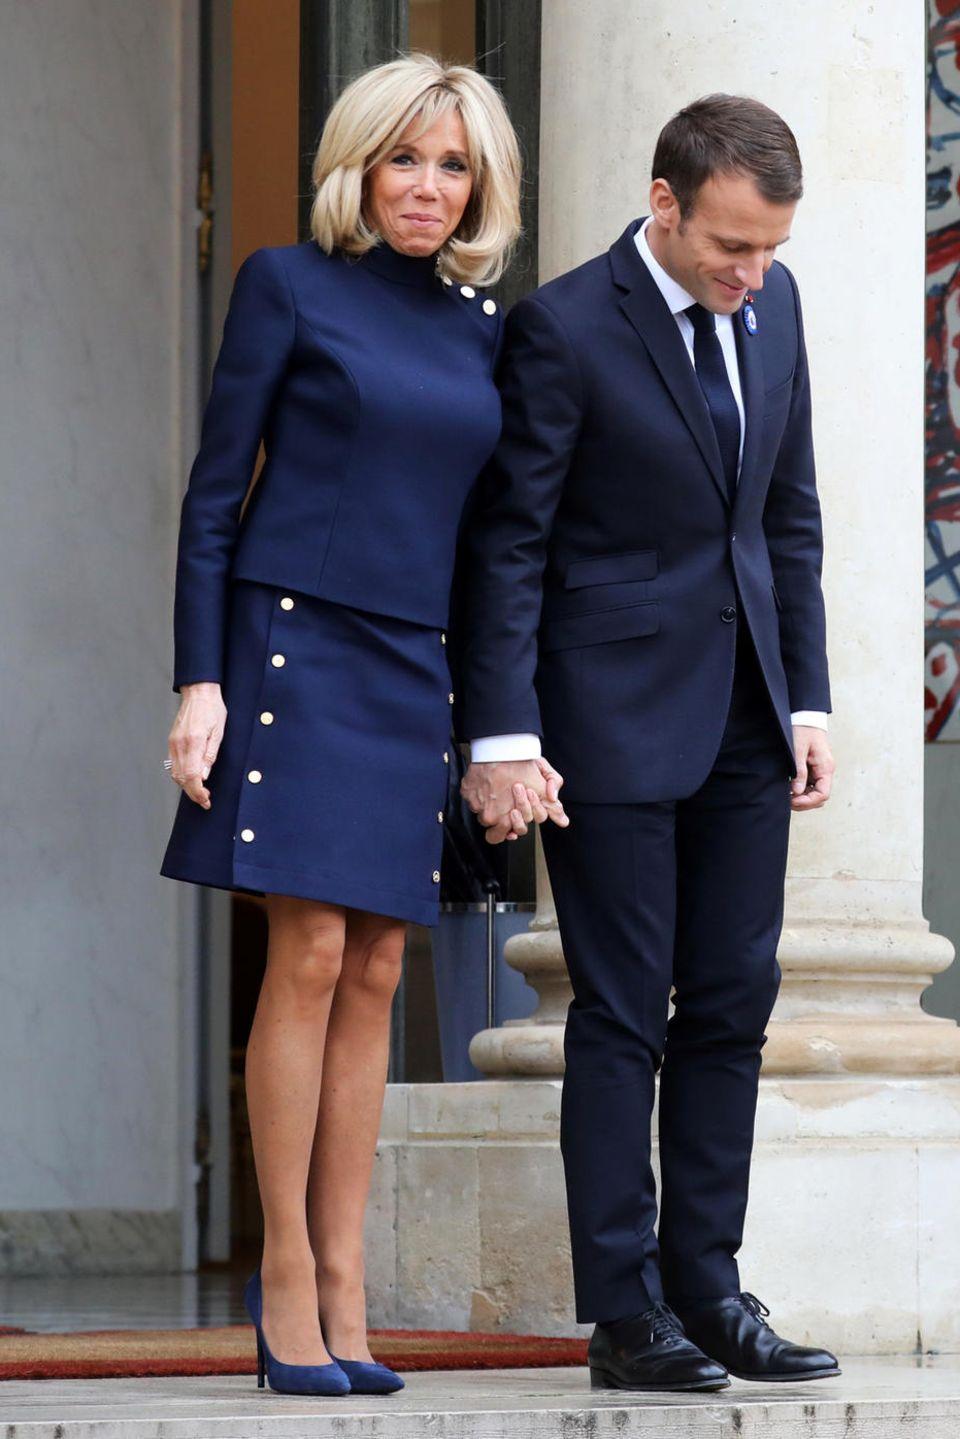 First Lady Brigitte Macron hat definitiv eine Vorliebe für Blautöne und Knopf-Details. Für ein Meeting mit Melania Trump wählt Brigitte eine raffinierte Kombination aus Oberteil und Rock.